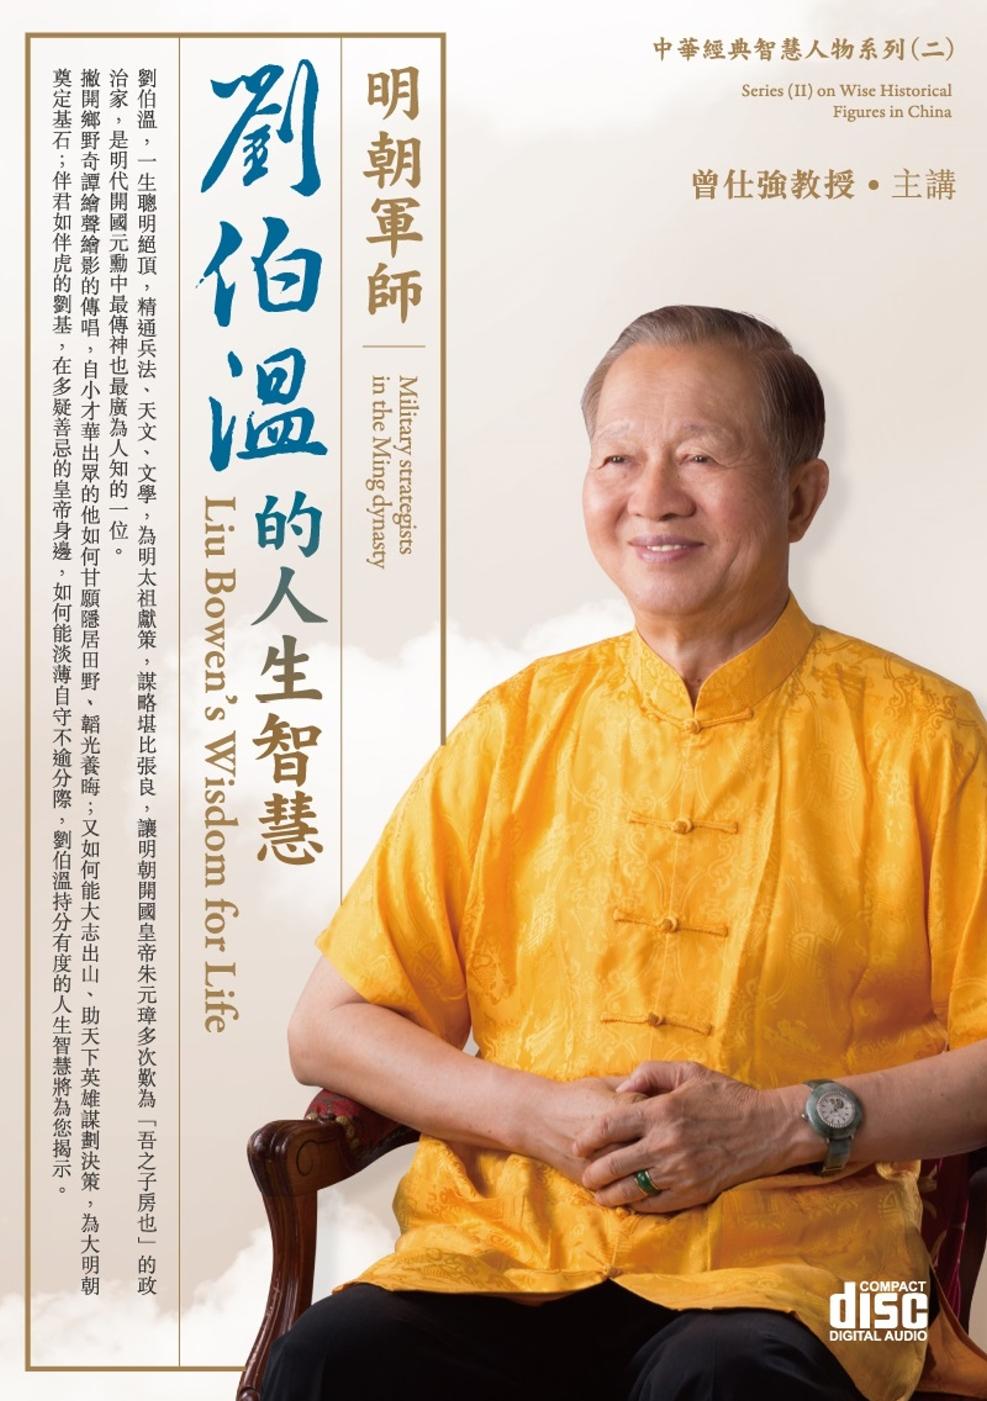 明朝軍師:劉伯溫的人生智慧 (4CD)